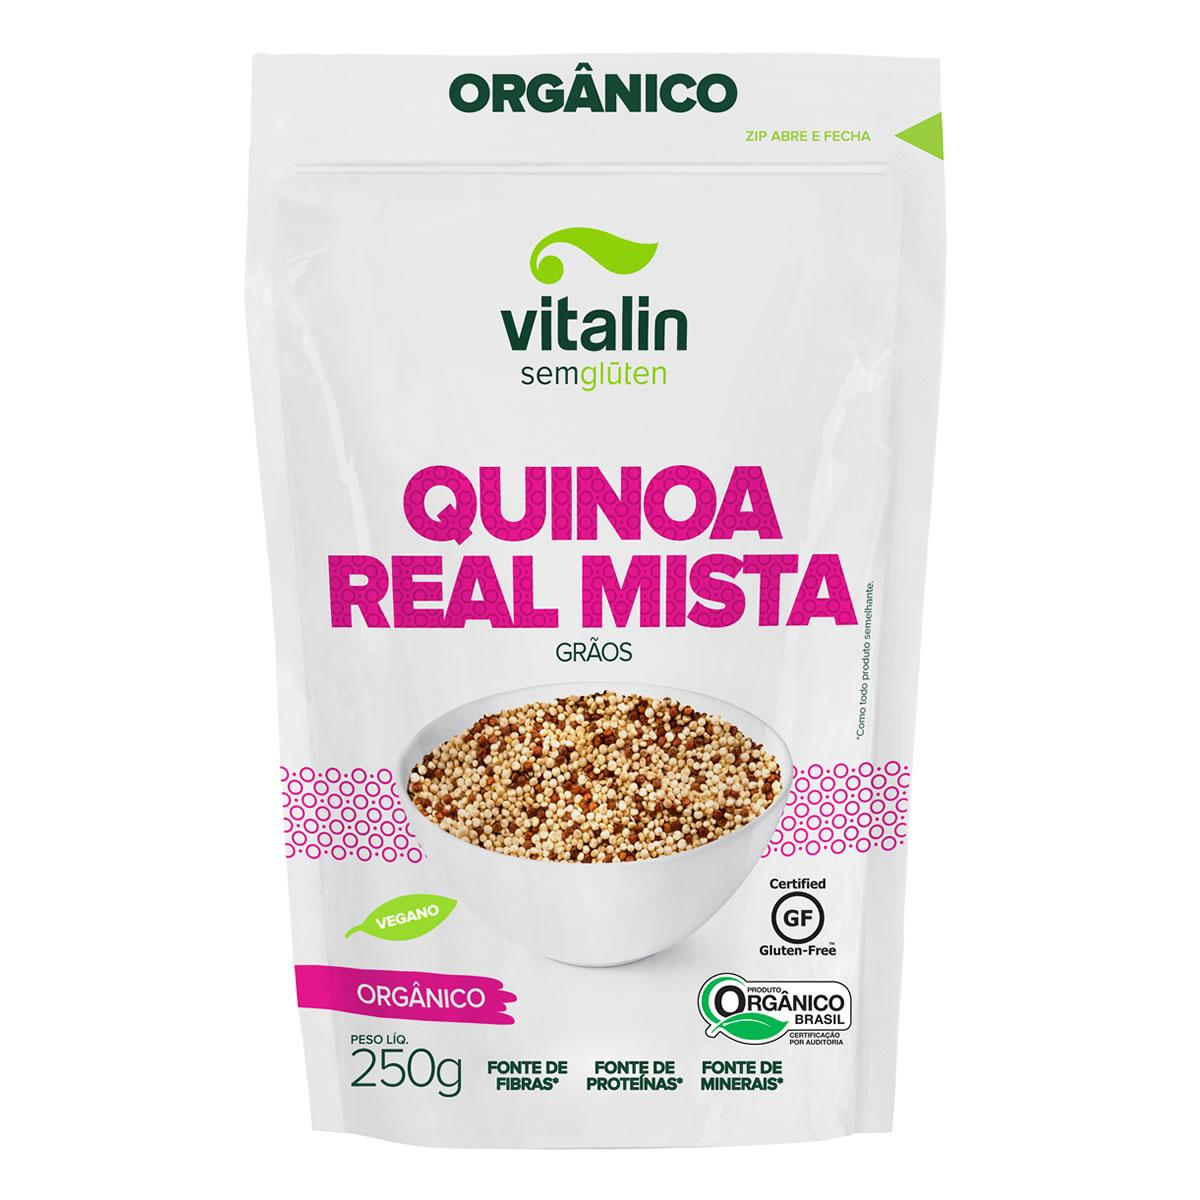 Quinoa Real Mista em Grãos Orgânico 250g - Vitalin